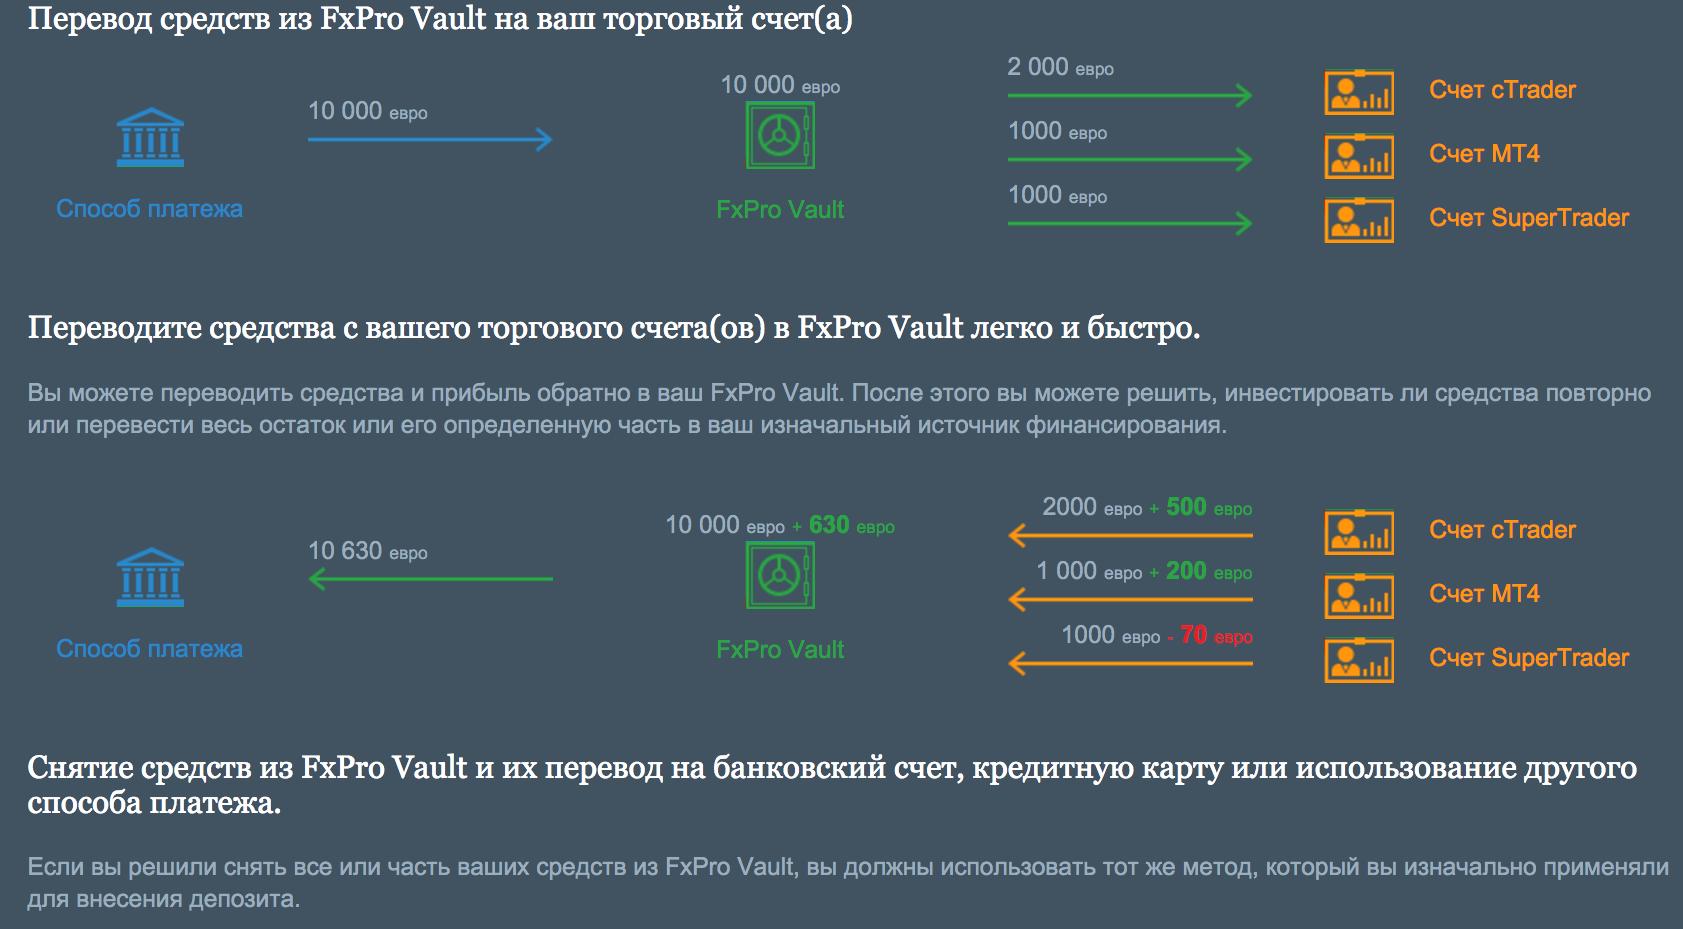 Как работает FxPro Vault?